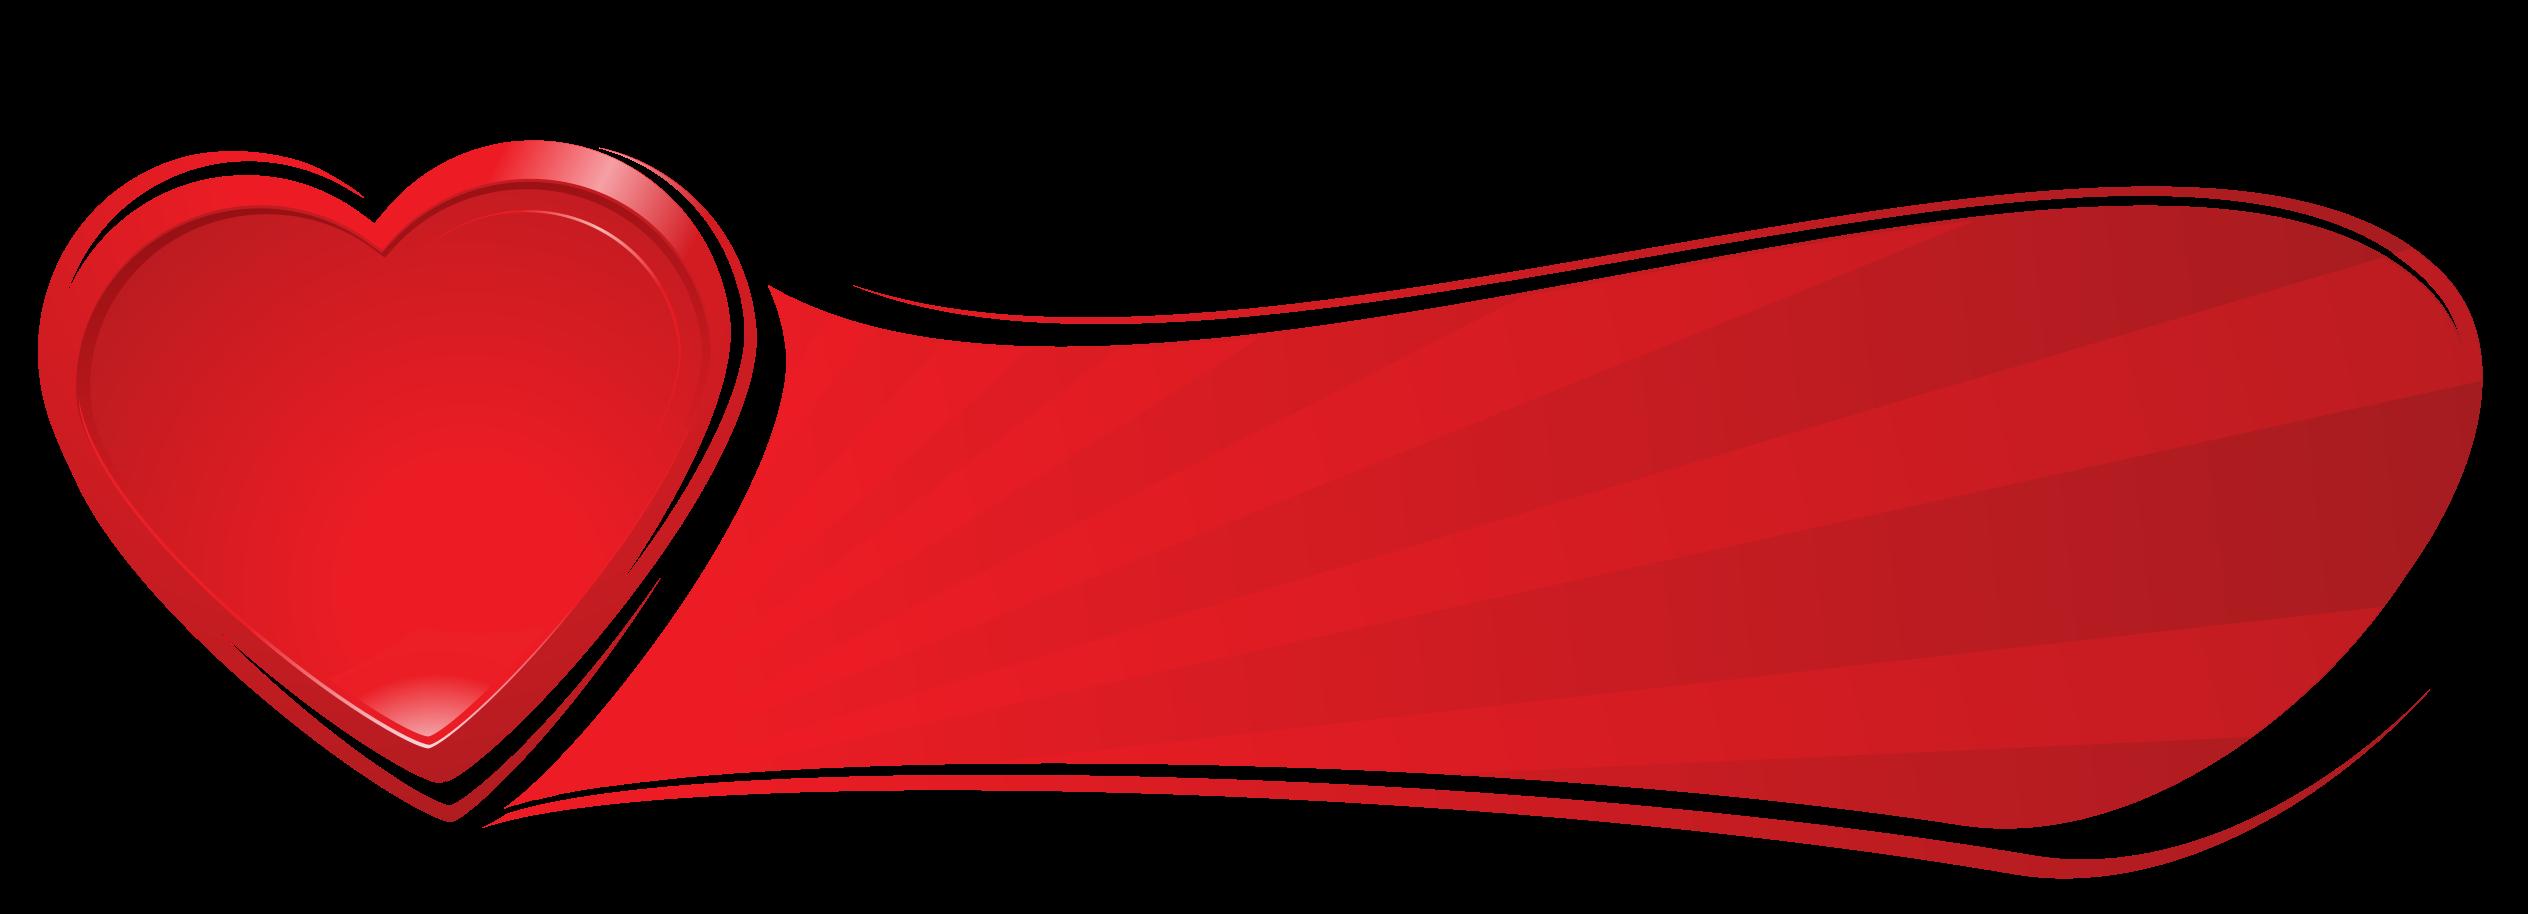 bandera de amor png